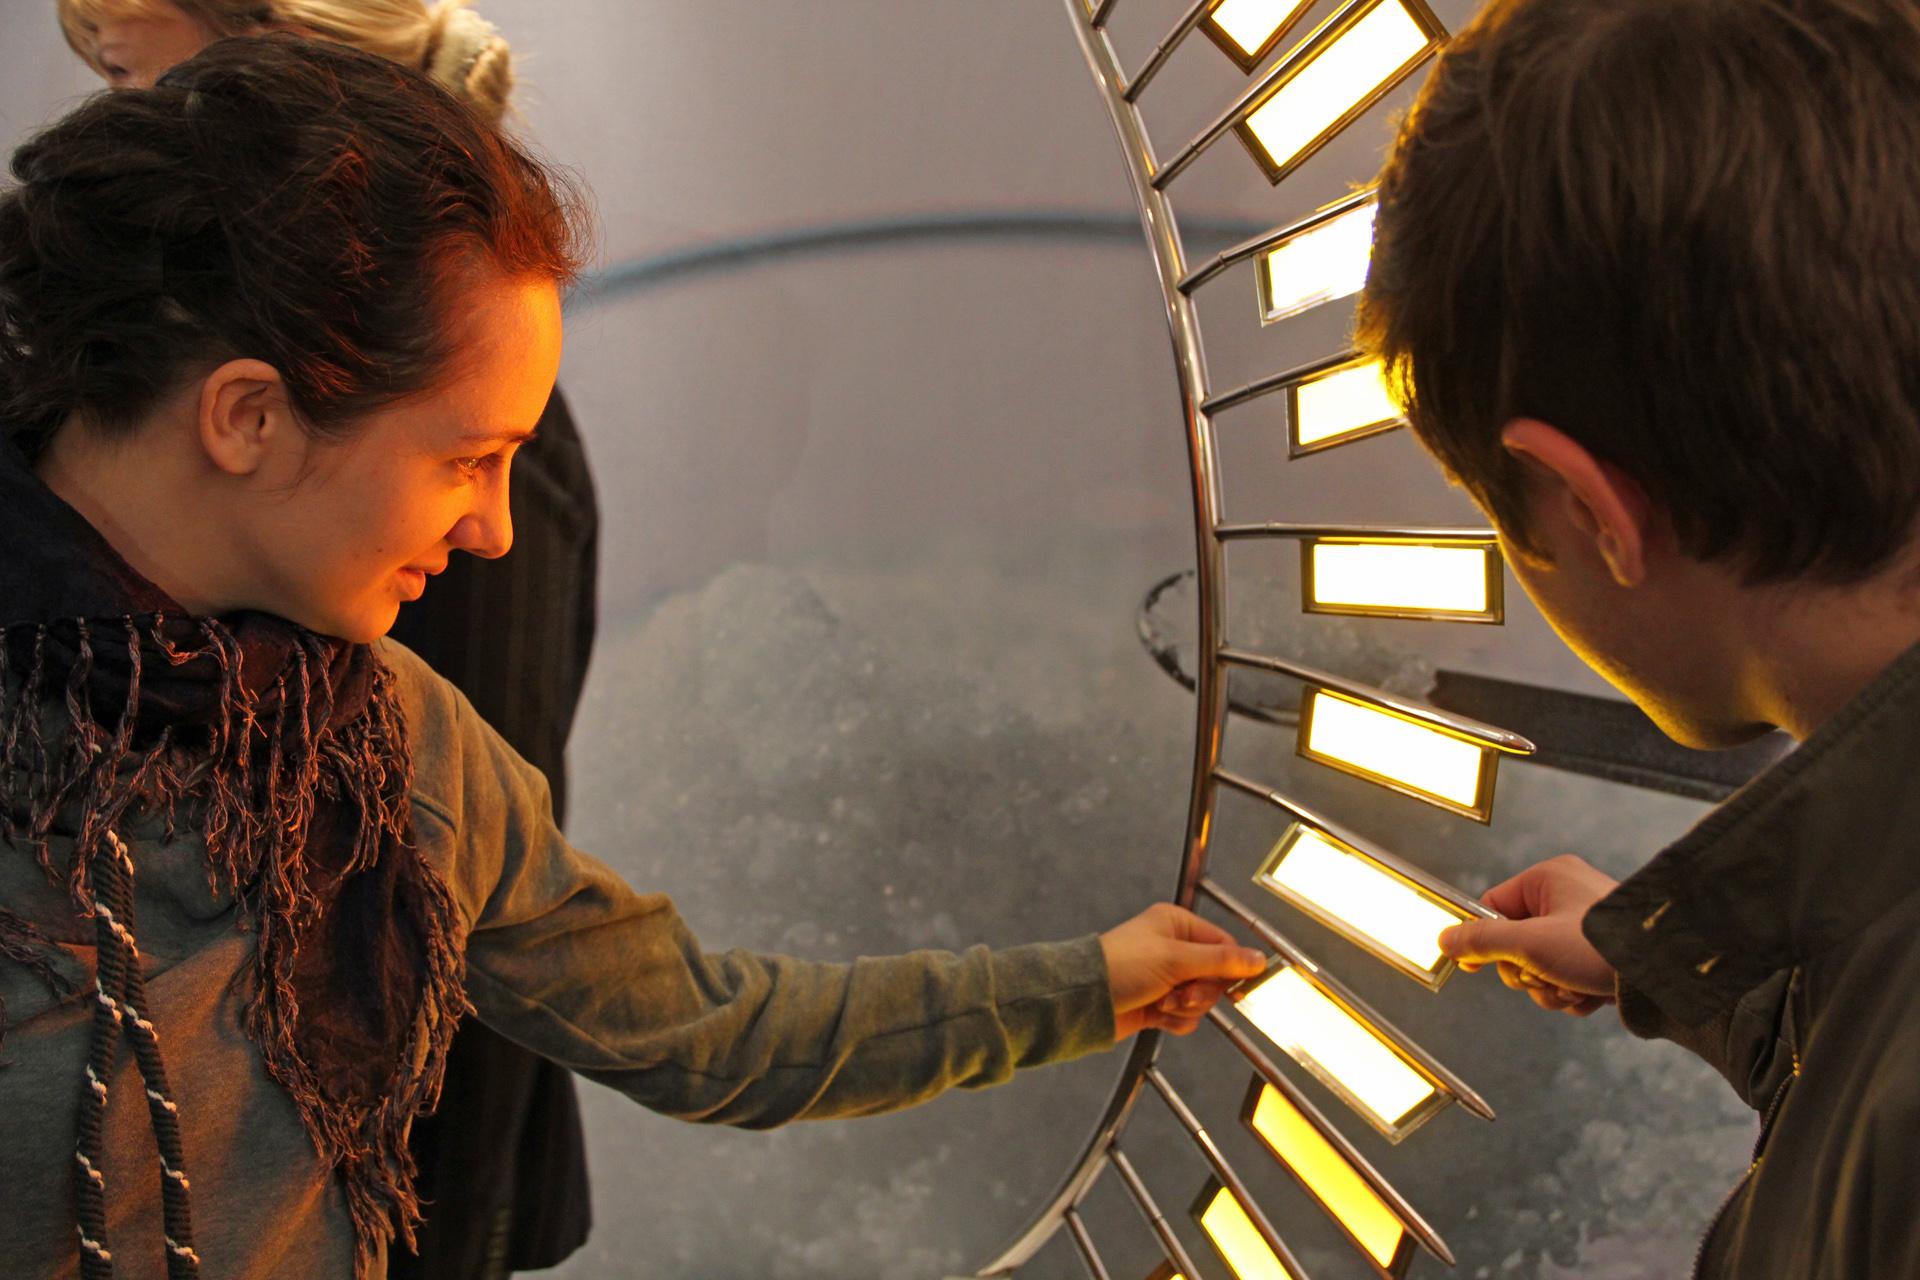 Eine Studentin fasst fasziniert eine OLED-Lampe an, die wie ein risiger Farn desingt ist.